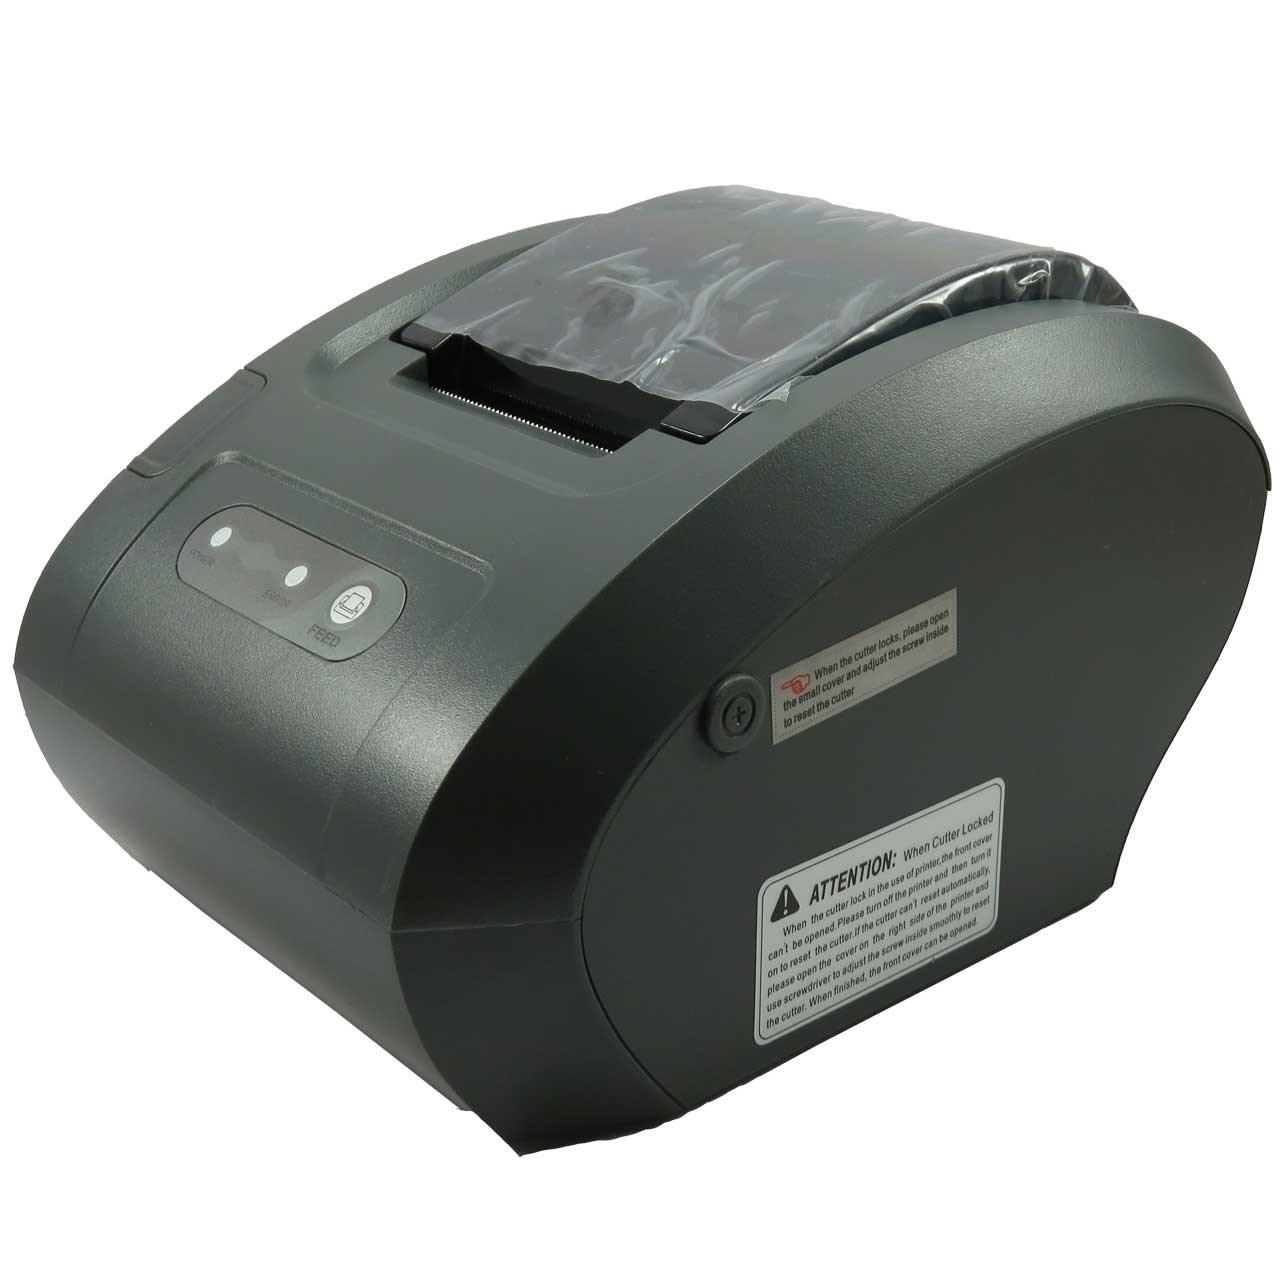 تصویر پرینتر حرارتی دلتا مدل T50 Delta T50 Thermal Printer